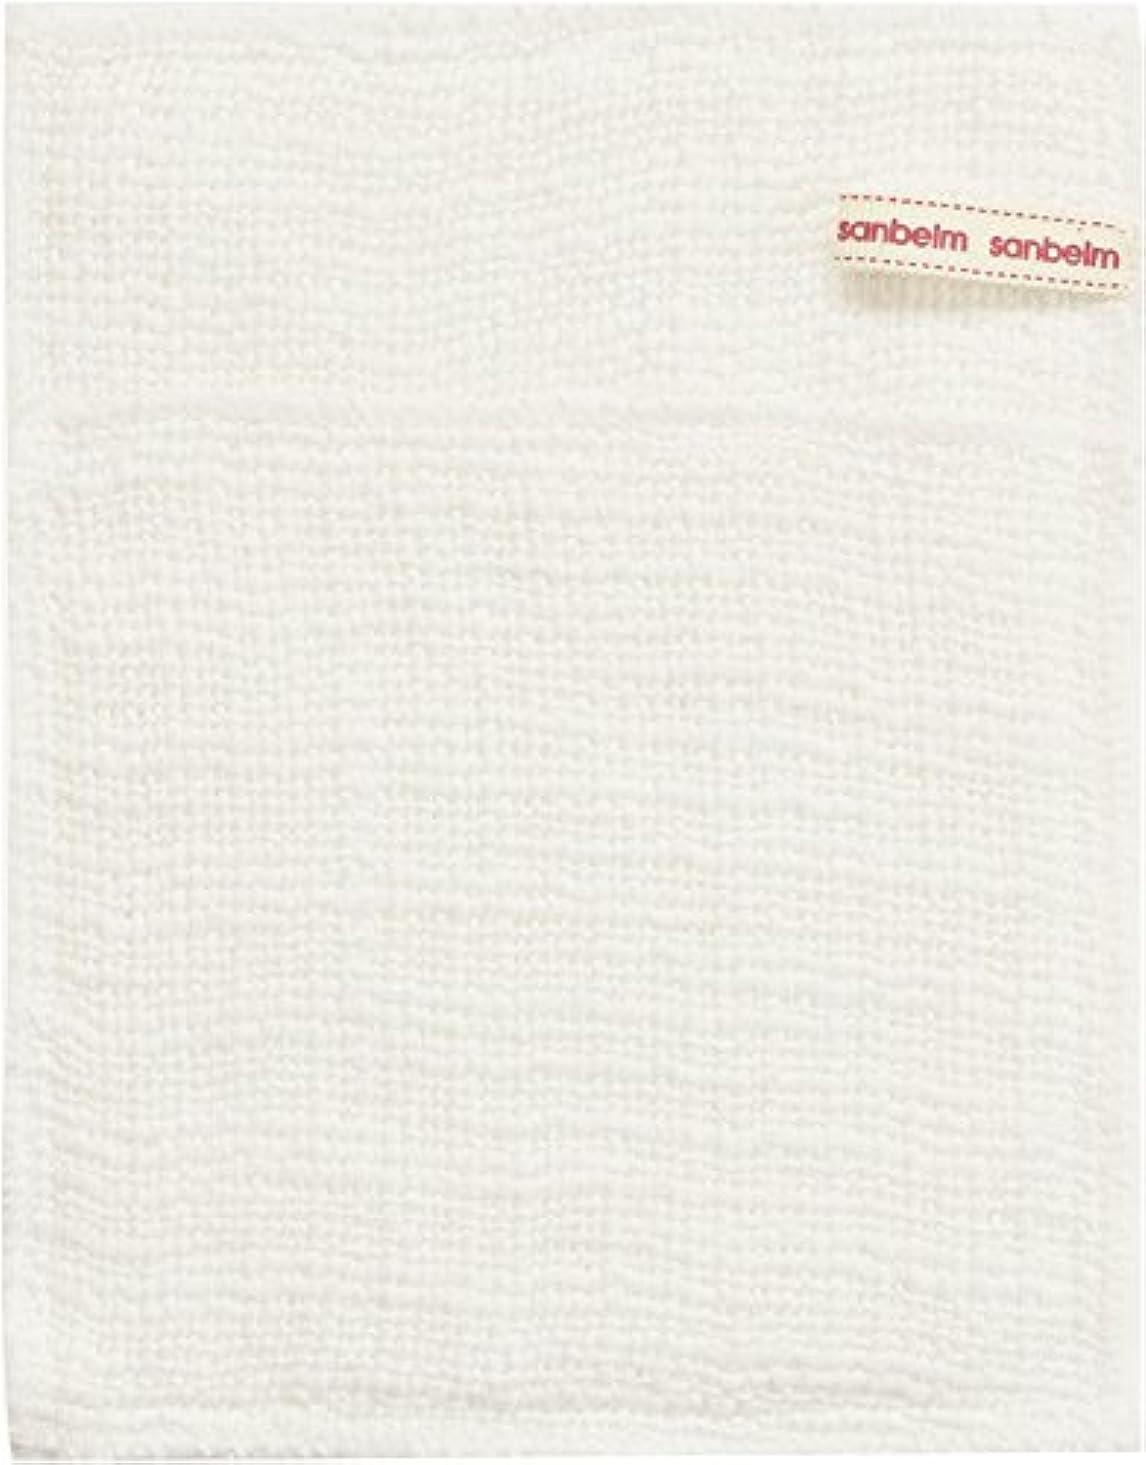 名門減る一般サンベルム (SANBELM) お風呂 体洗い 綿100%生地使用 ボディタオル ホワイト 約16x21cm ボディケアミトン  B34613